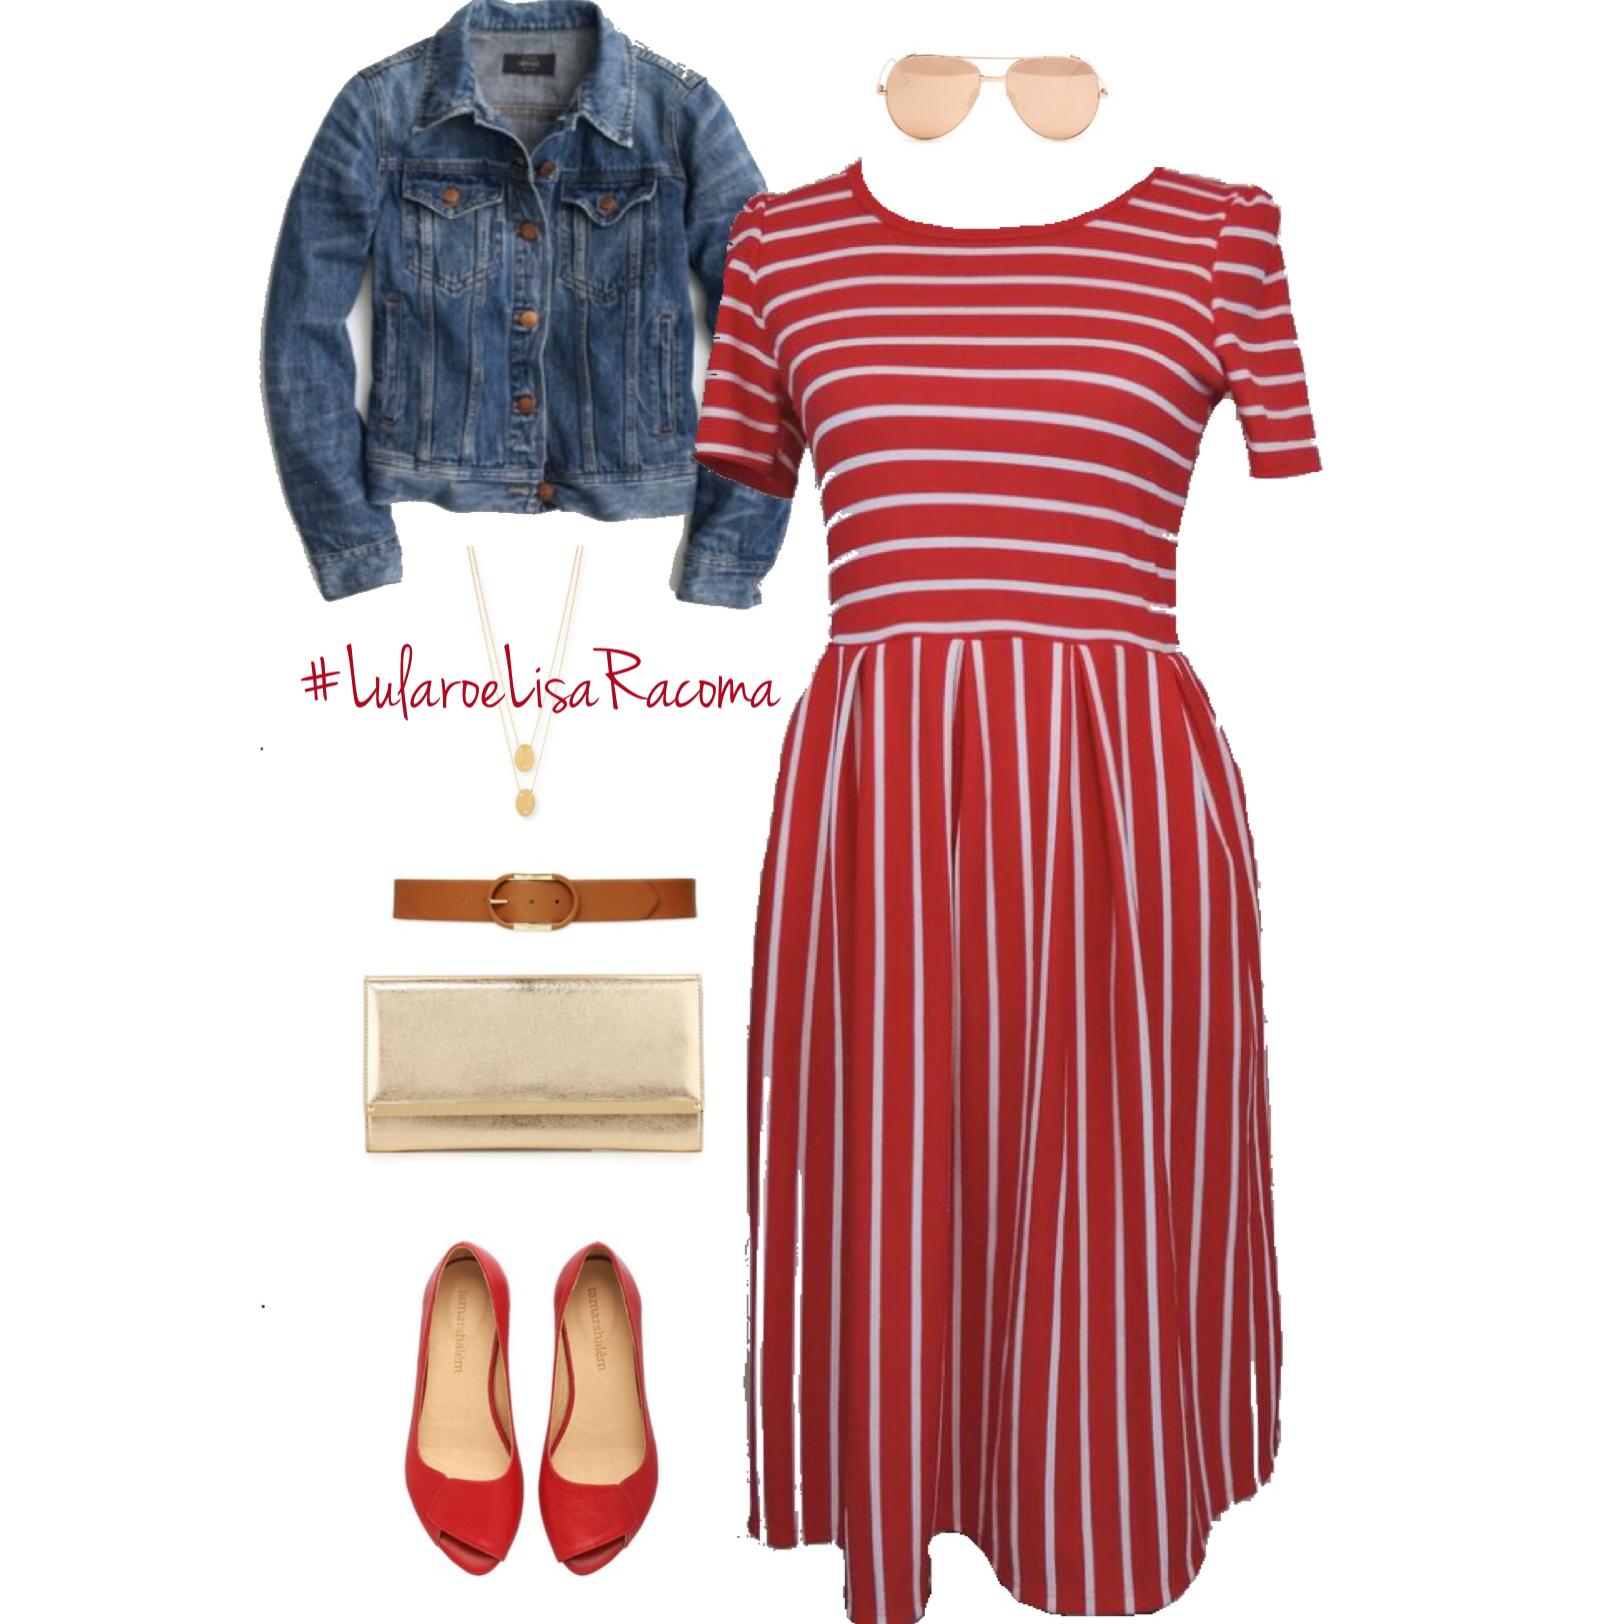 Caught the eye! | Vardagliga kläder, Röd klänning, Kläder